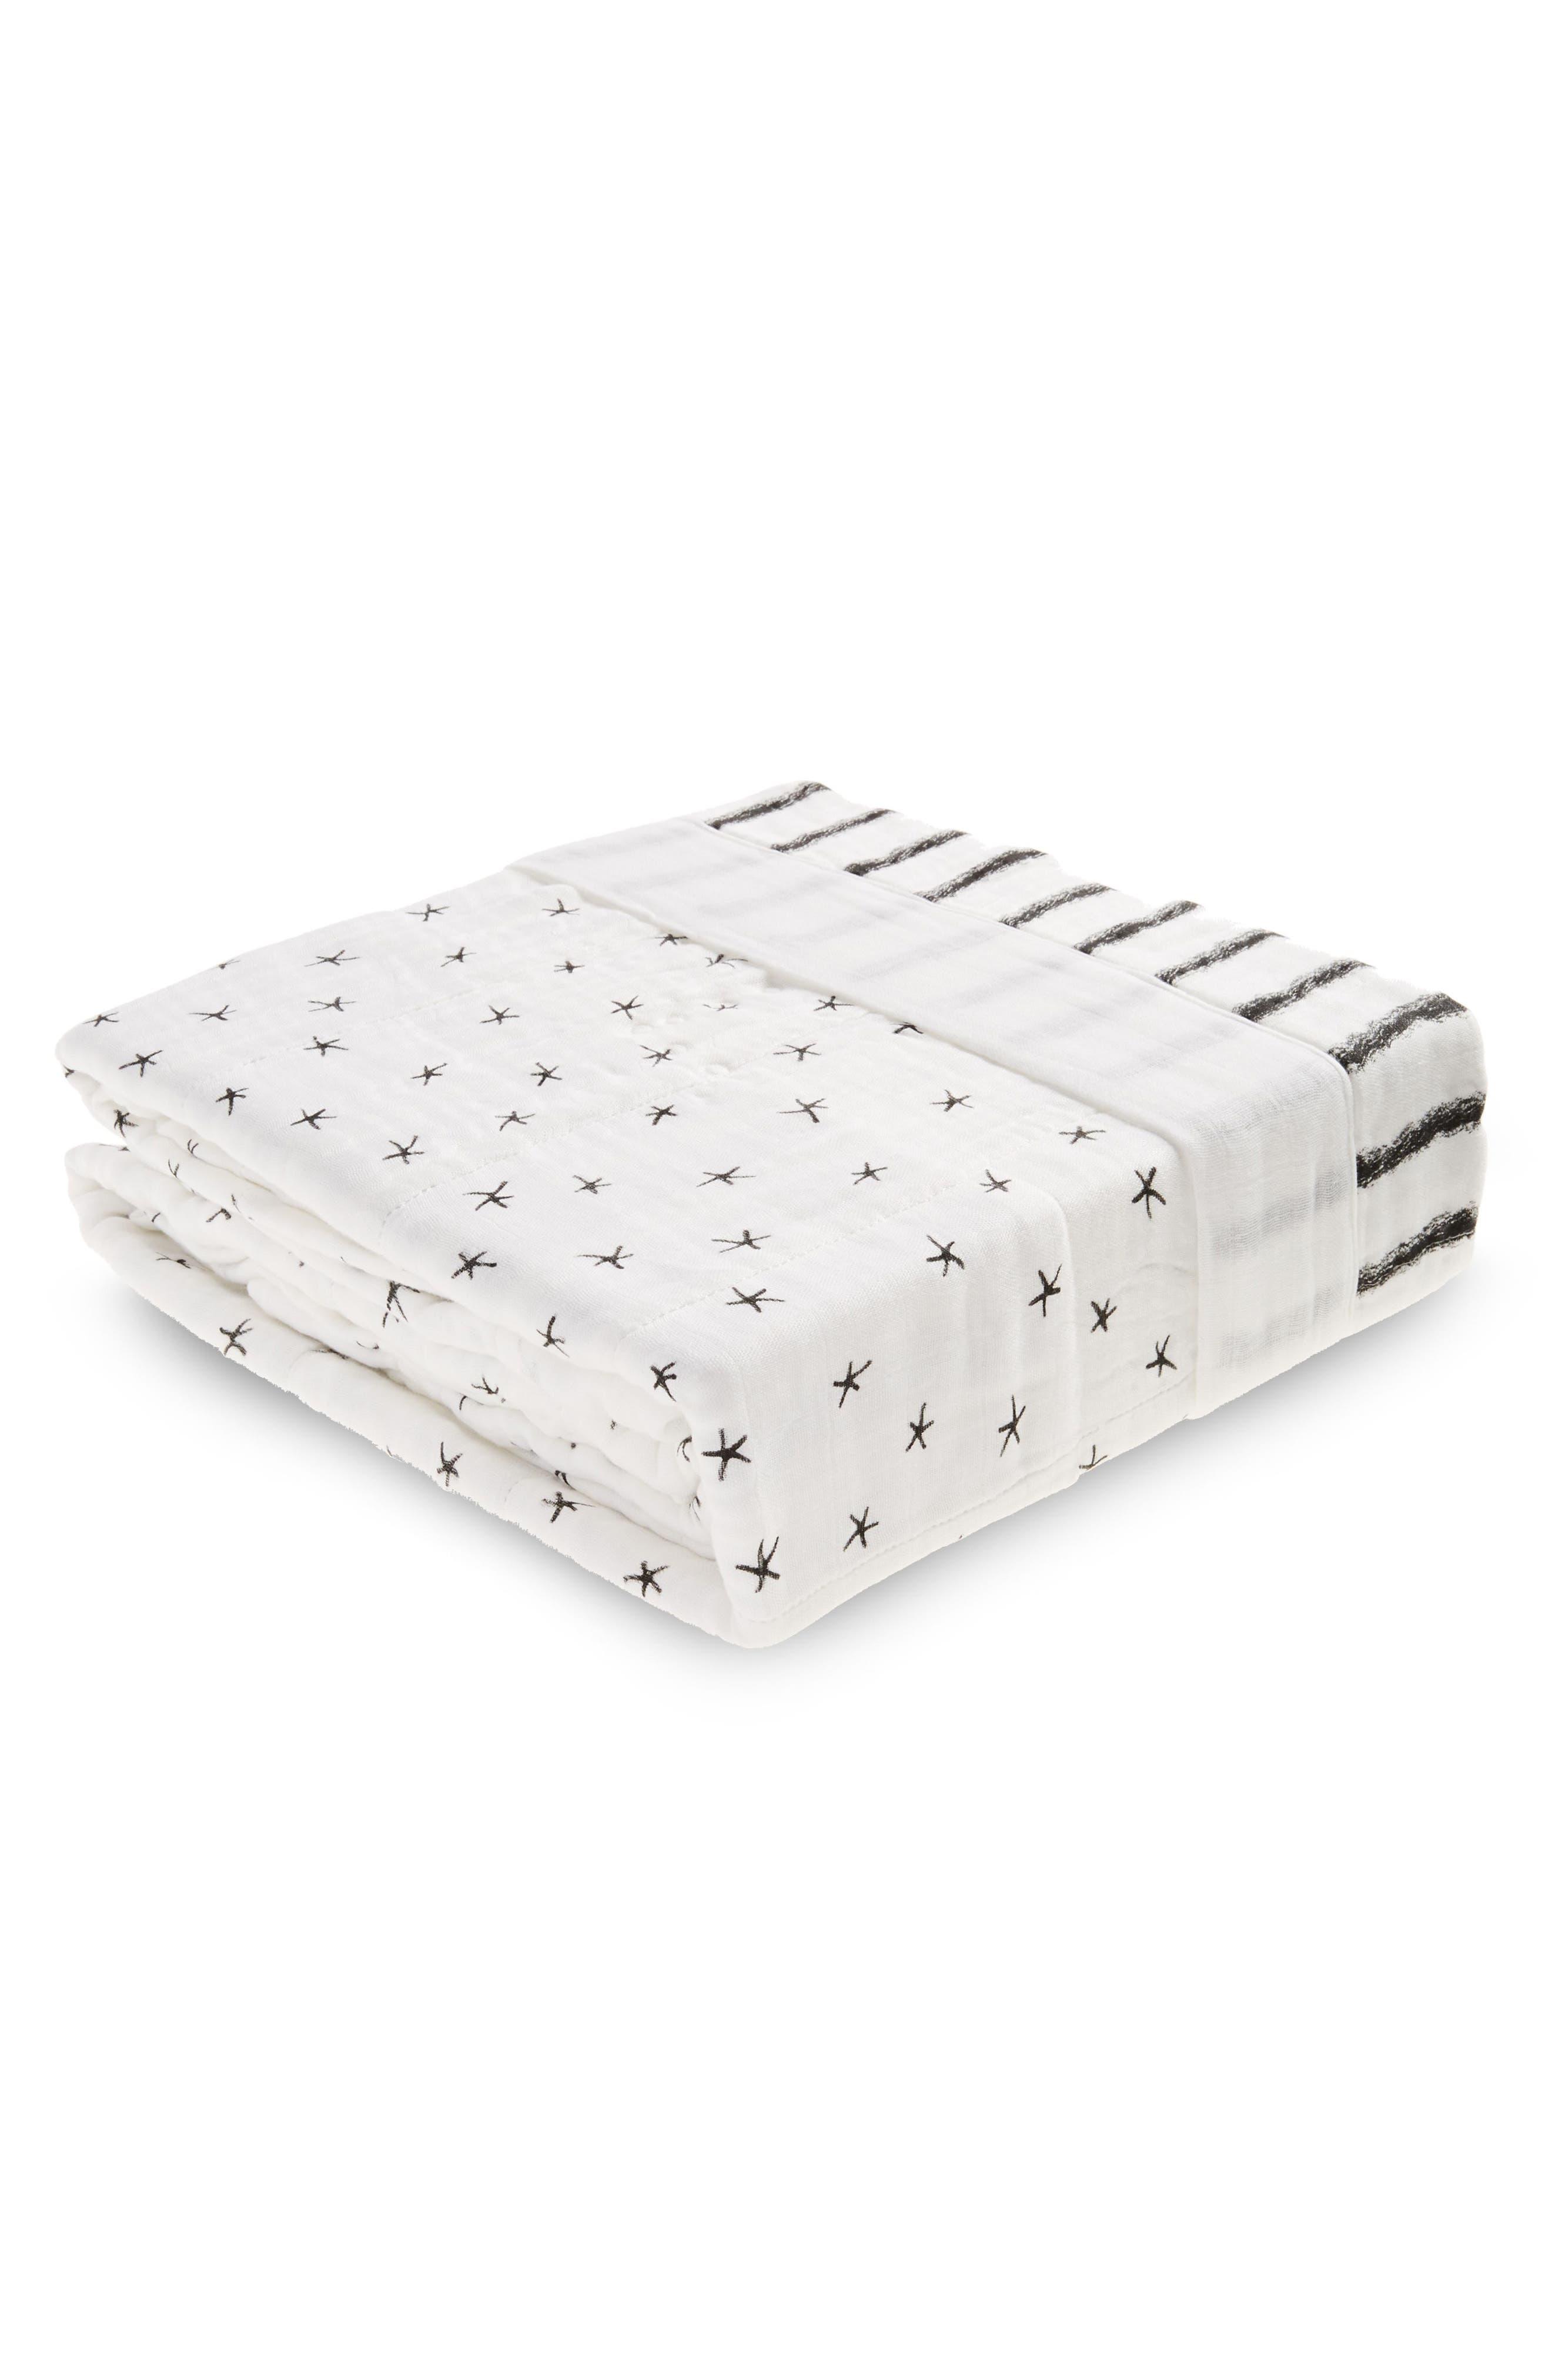 aden + anais Oversize Muslin Blanket